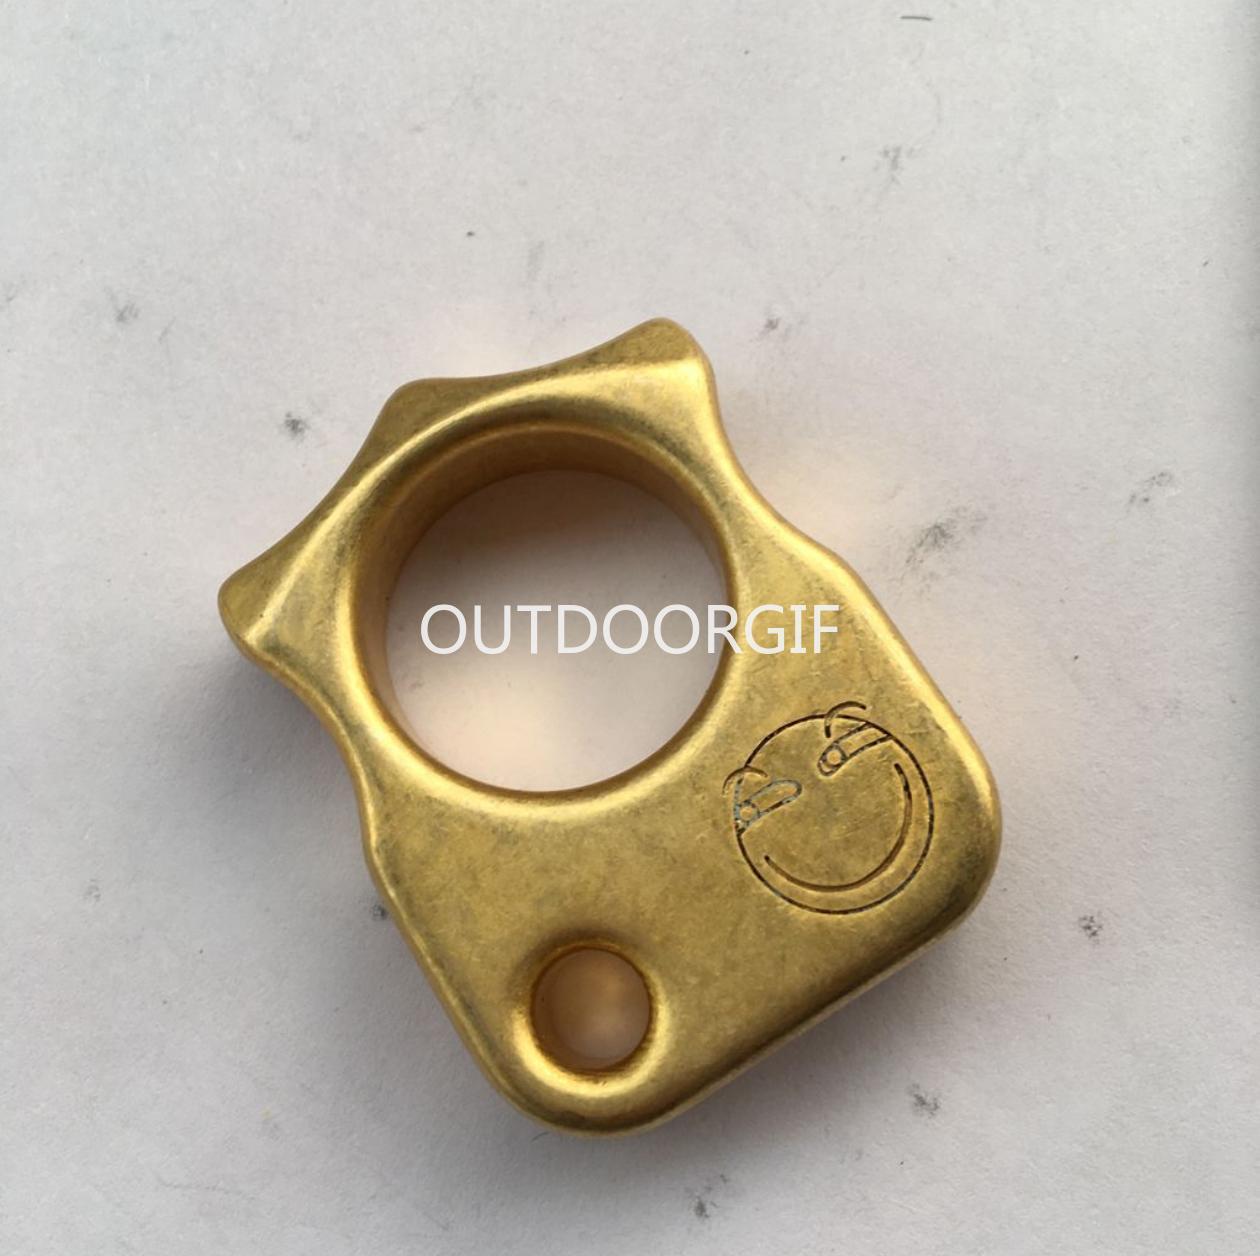 EDC Brass Porte-clés Anneau tactique extérieur Autodéfense survie Outil HZ-50 voitures Camping familial Multisport Voyage Stonewash